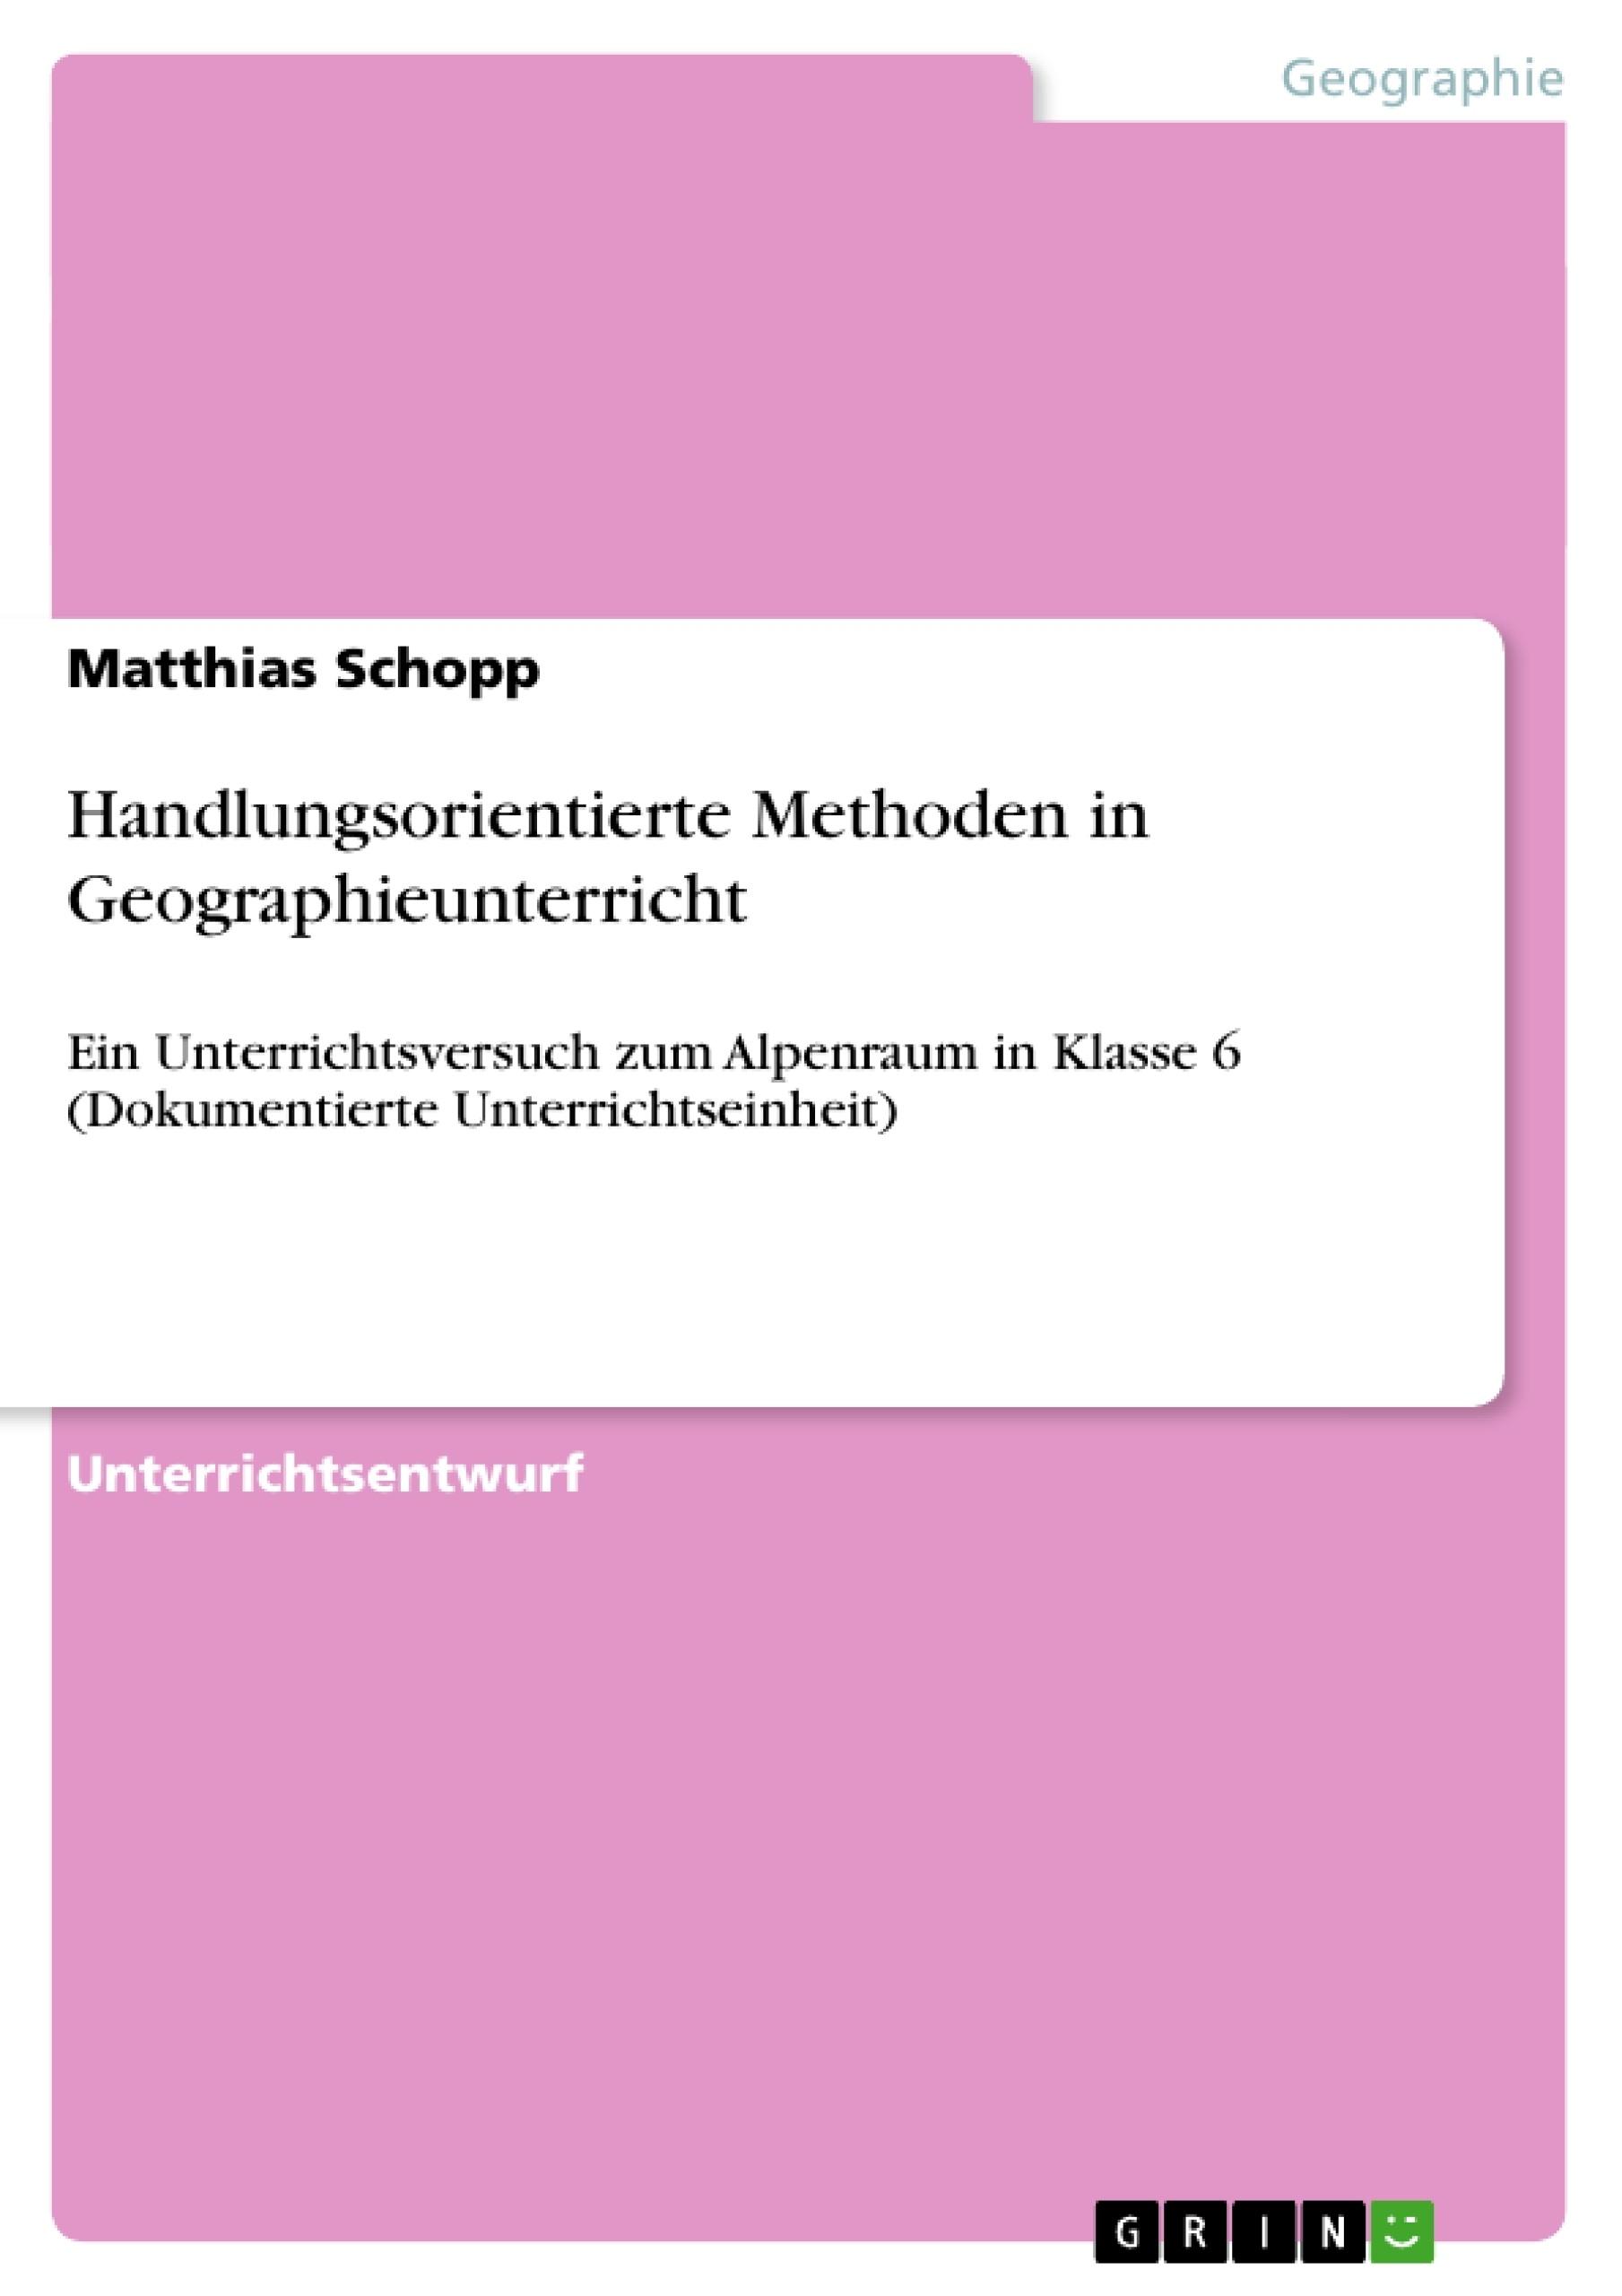 Schön Wissenschaft Welt Arbeitsblatt Antworten Fotos - Super Lehrer ...